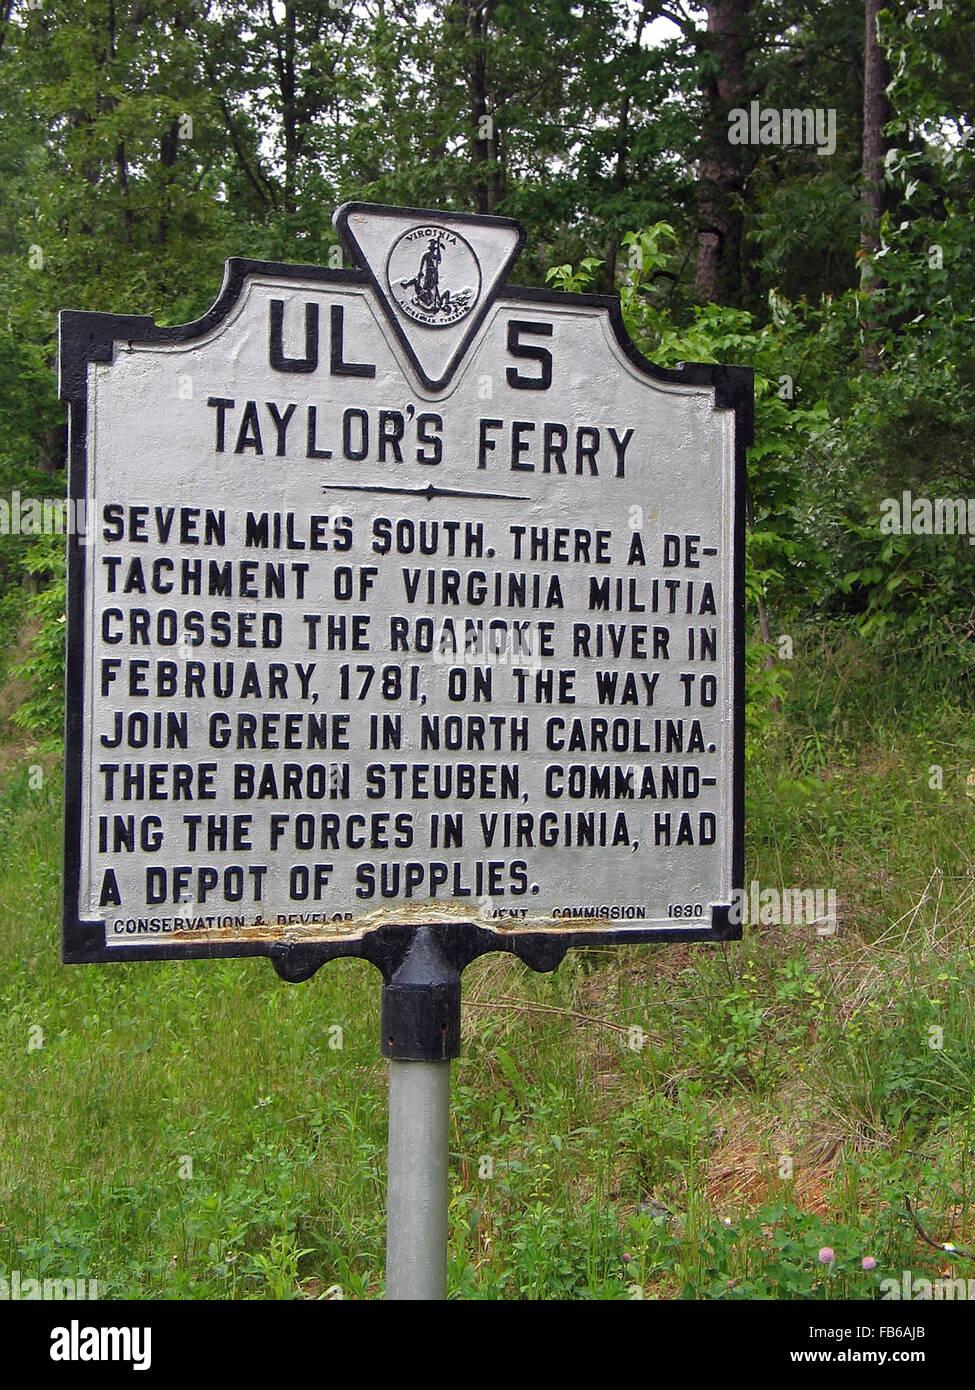 TAYLOR'S FERRY sept milles au sud, il y a un détachement de la milice de Virginie franchi la rivière Roanoke, en Banque D'Images